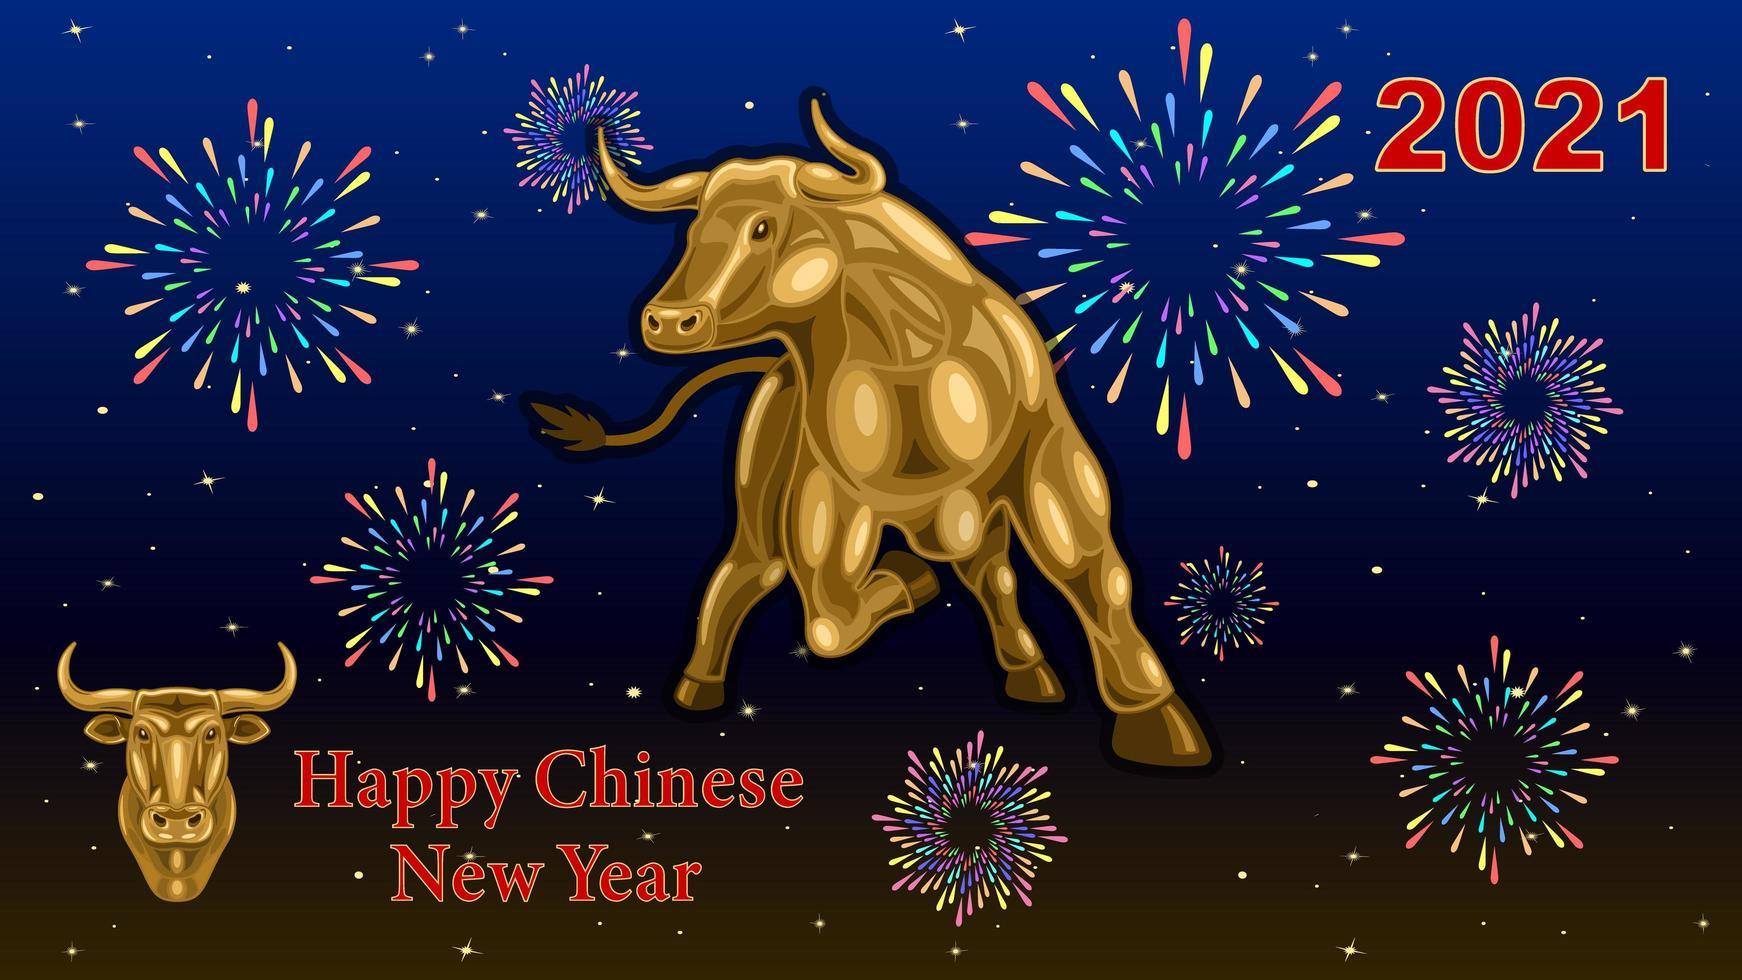 Metallbulle, Ochse, 2021 chinesisches Neujahrsfeuerwerkplakat vektor